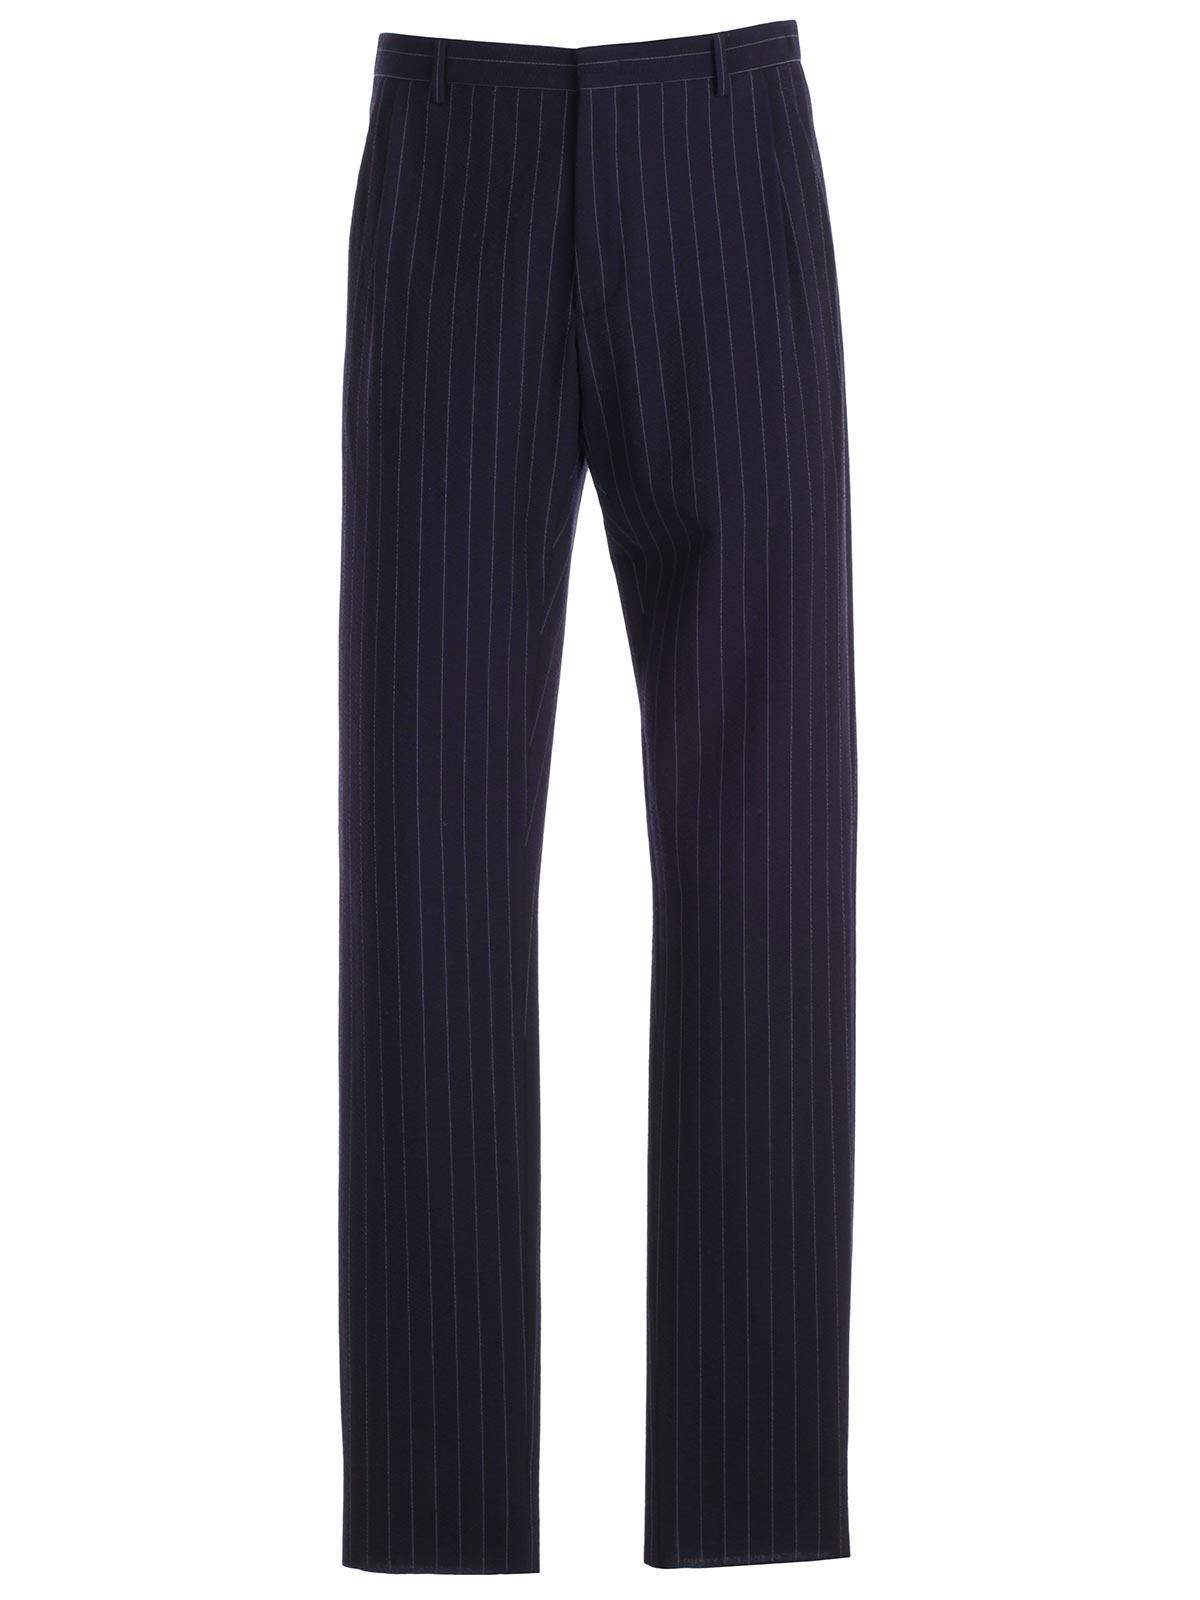 Picture of Giorgio Armani Trousers